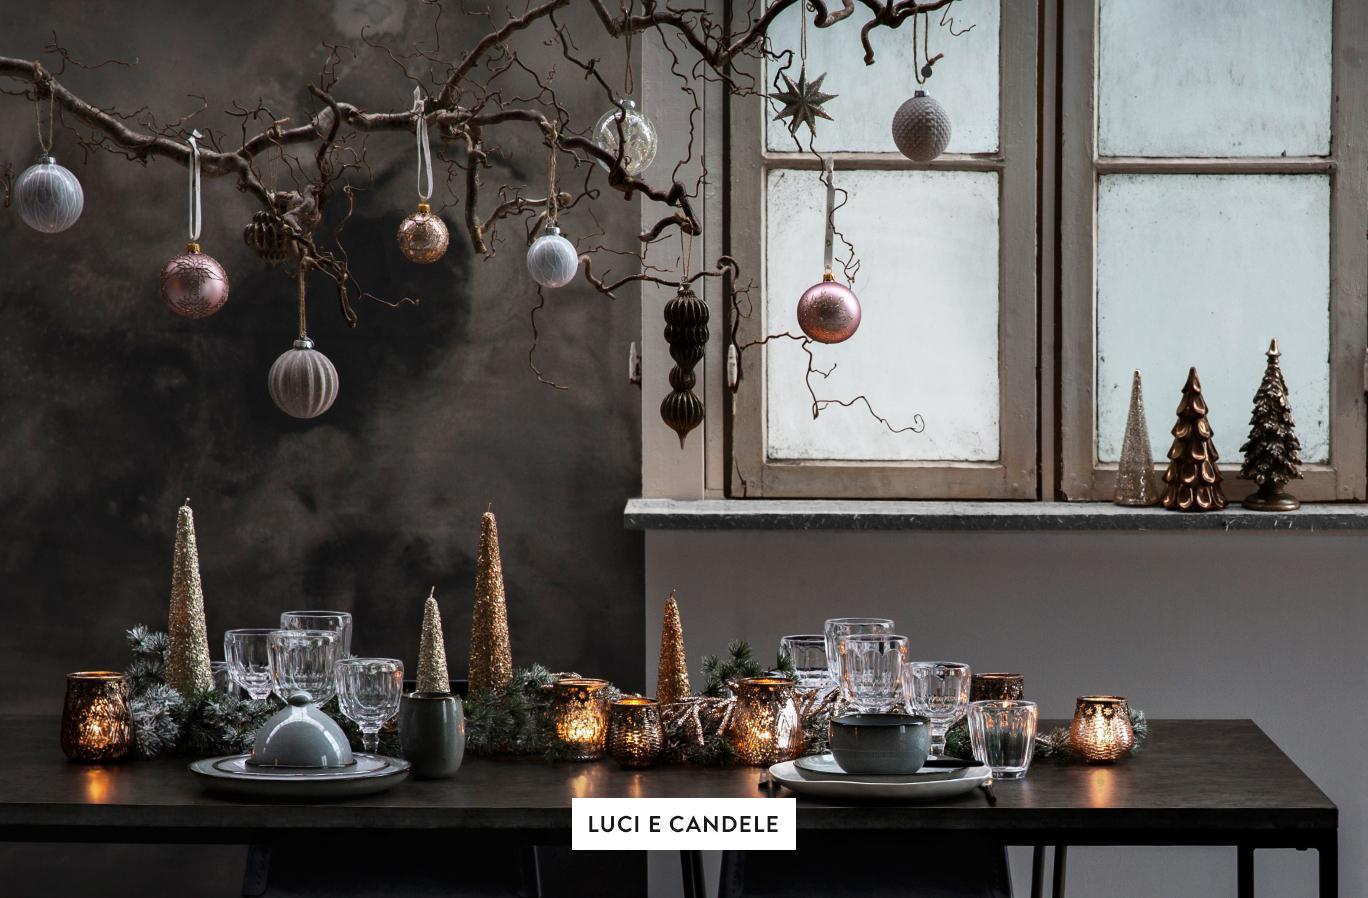 Luci_e_candele